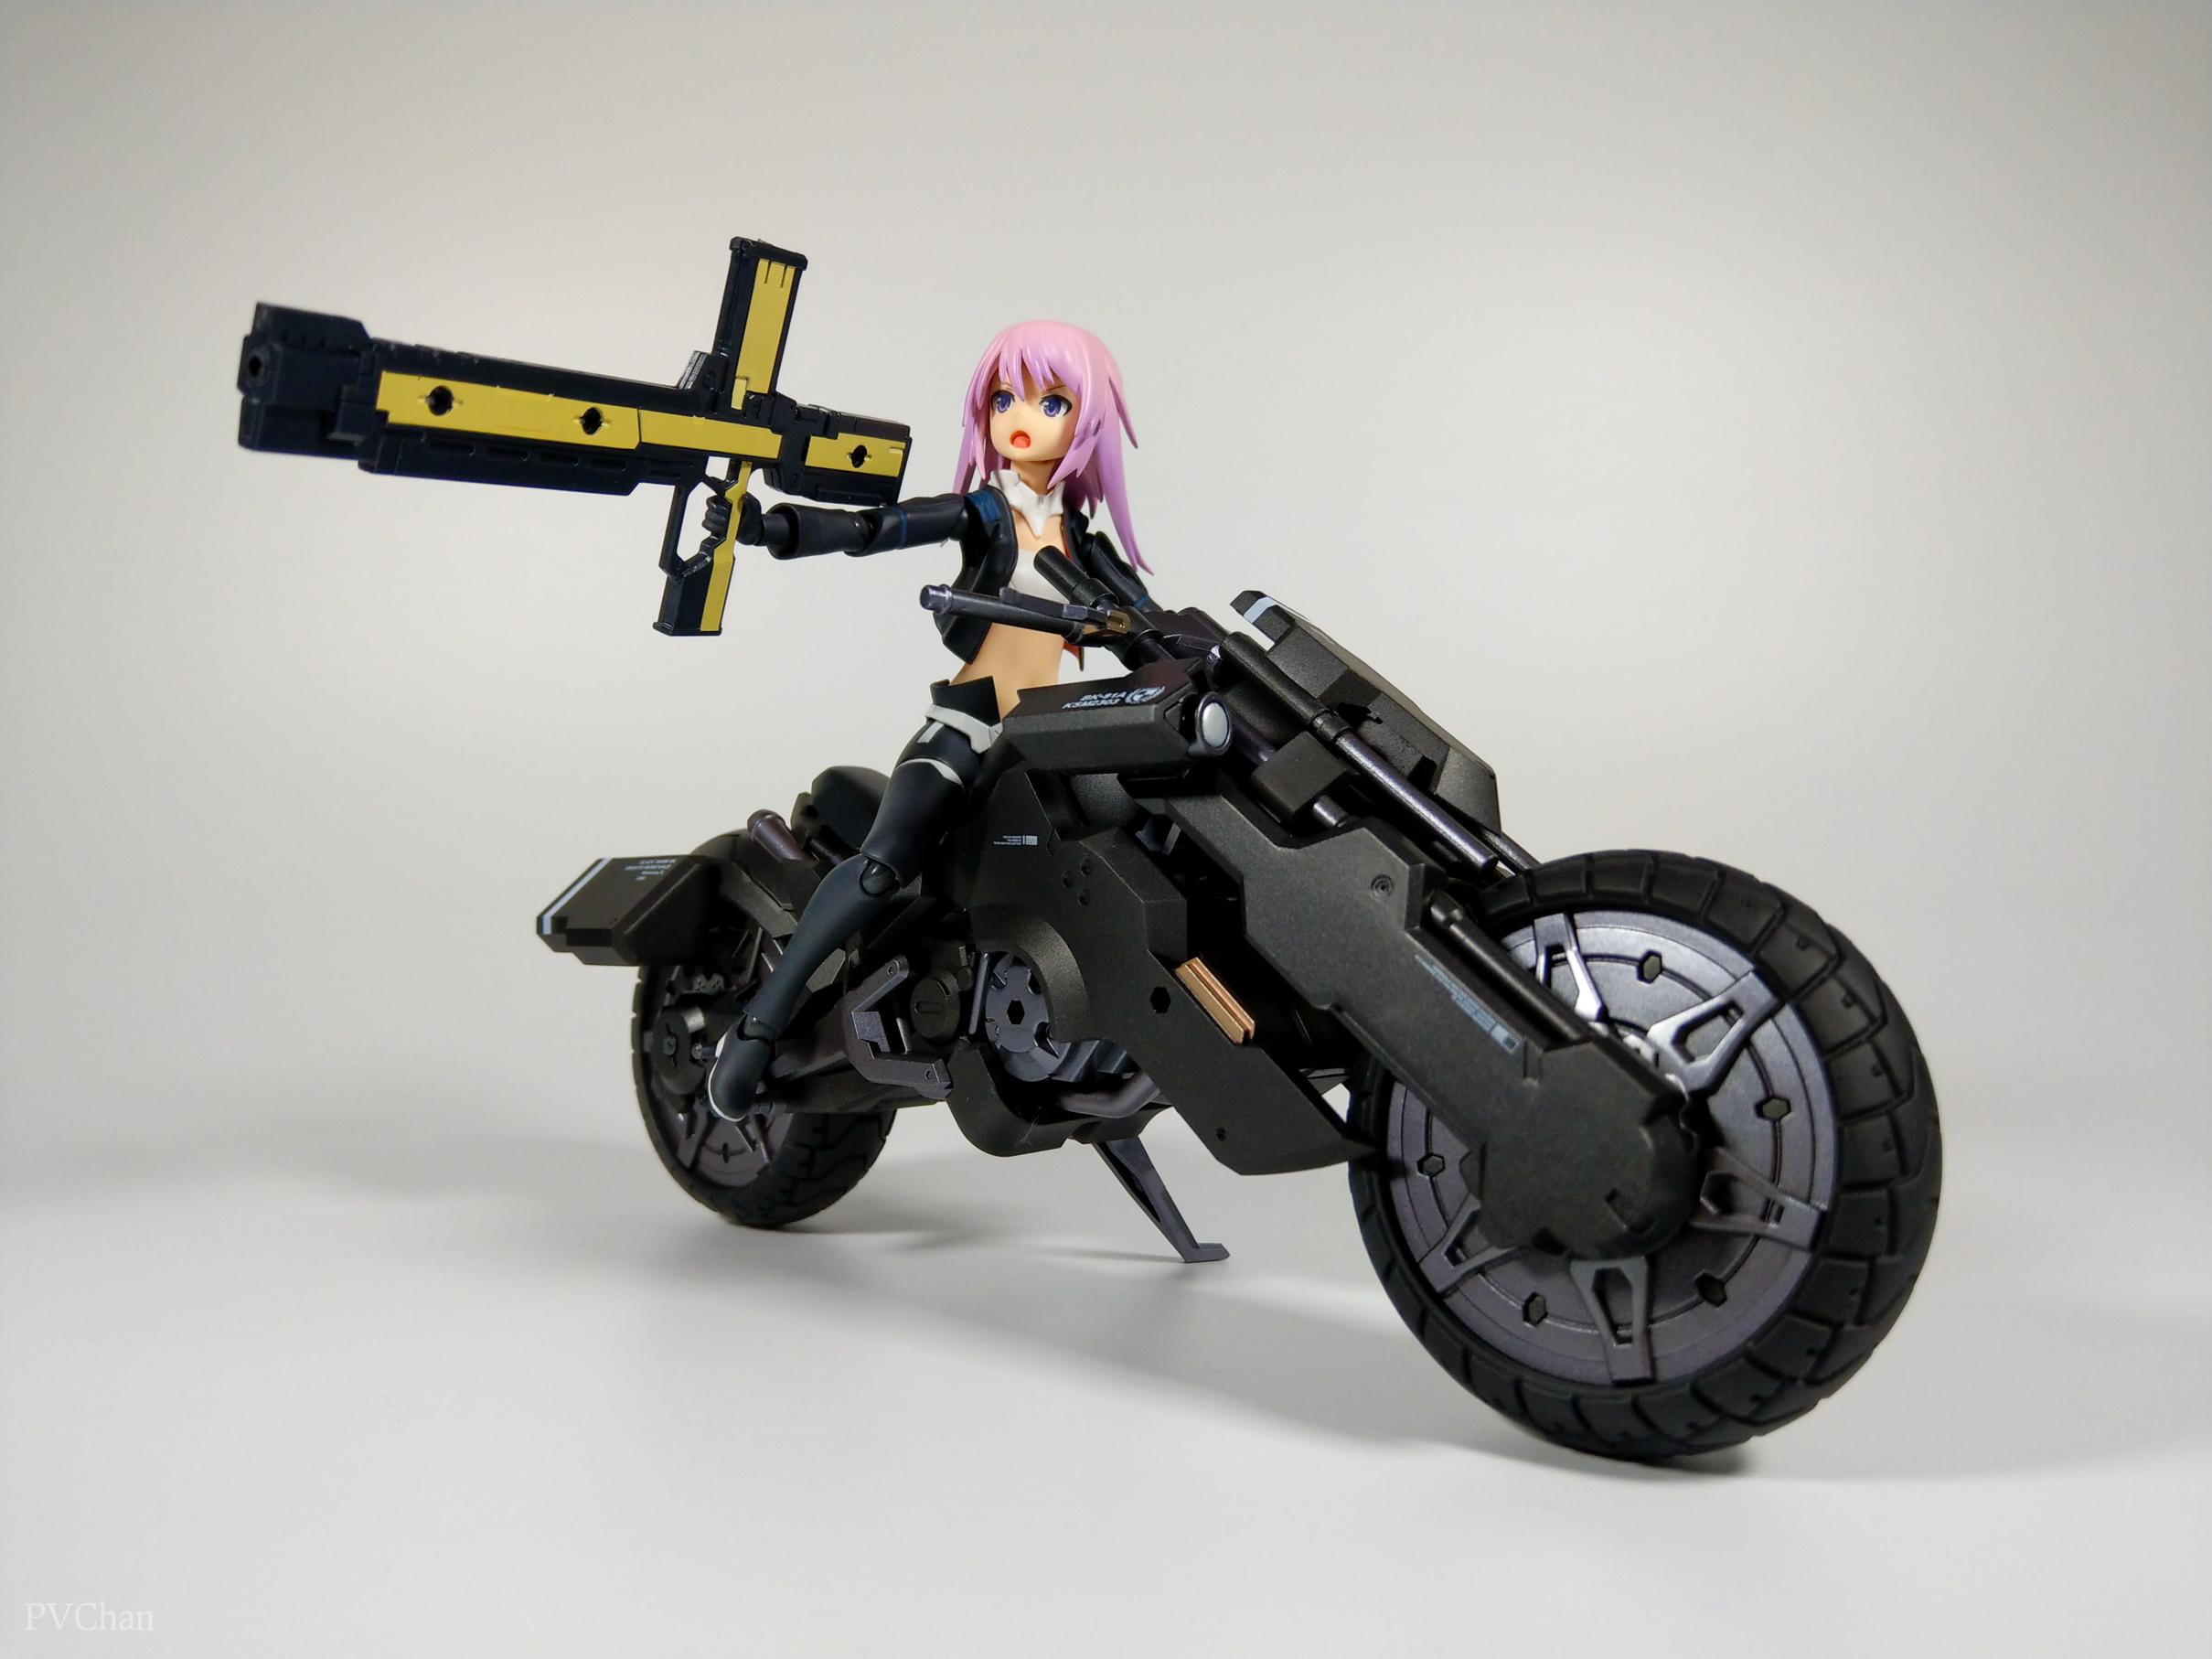 Необычное пополнение коллекции - байк из серии ex:ride от Max Factory. - Изображение 32